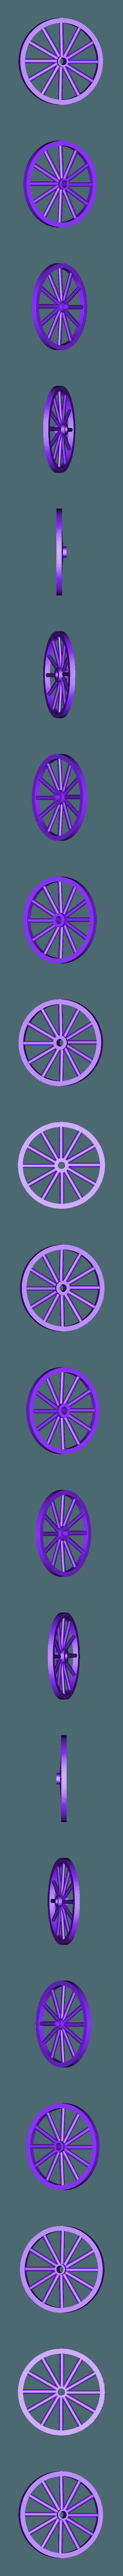 hans_wheel1_1.stl Télécharger fichier STL gratuit Ripper's London - Le taxi Hansom • Modèle pour impression 3D, Earsling